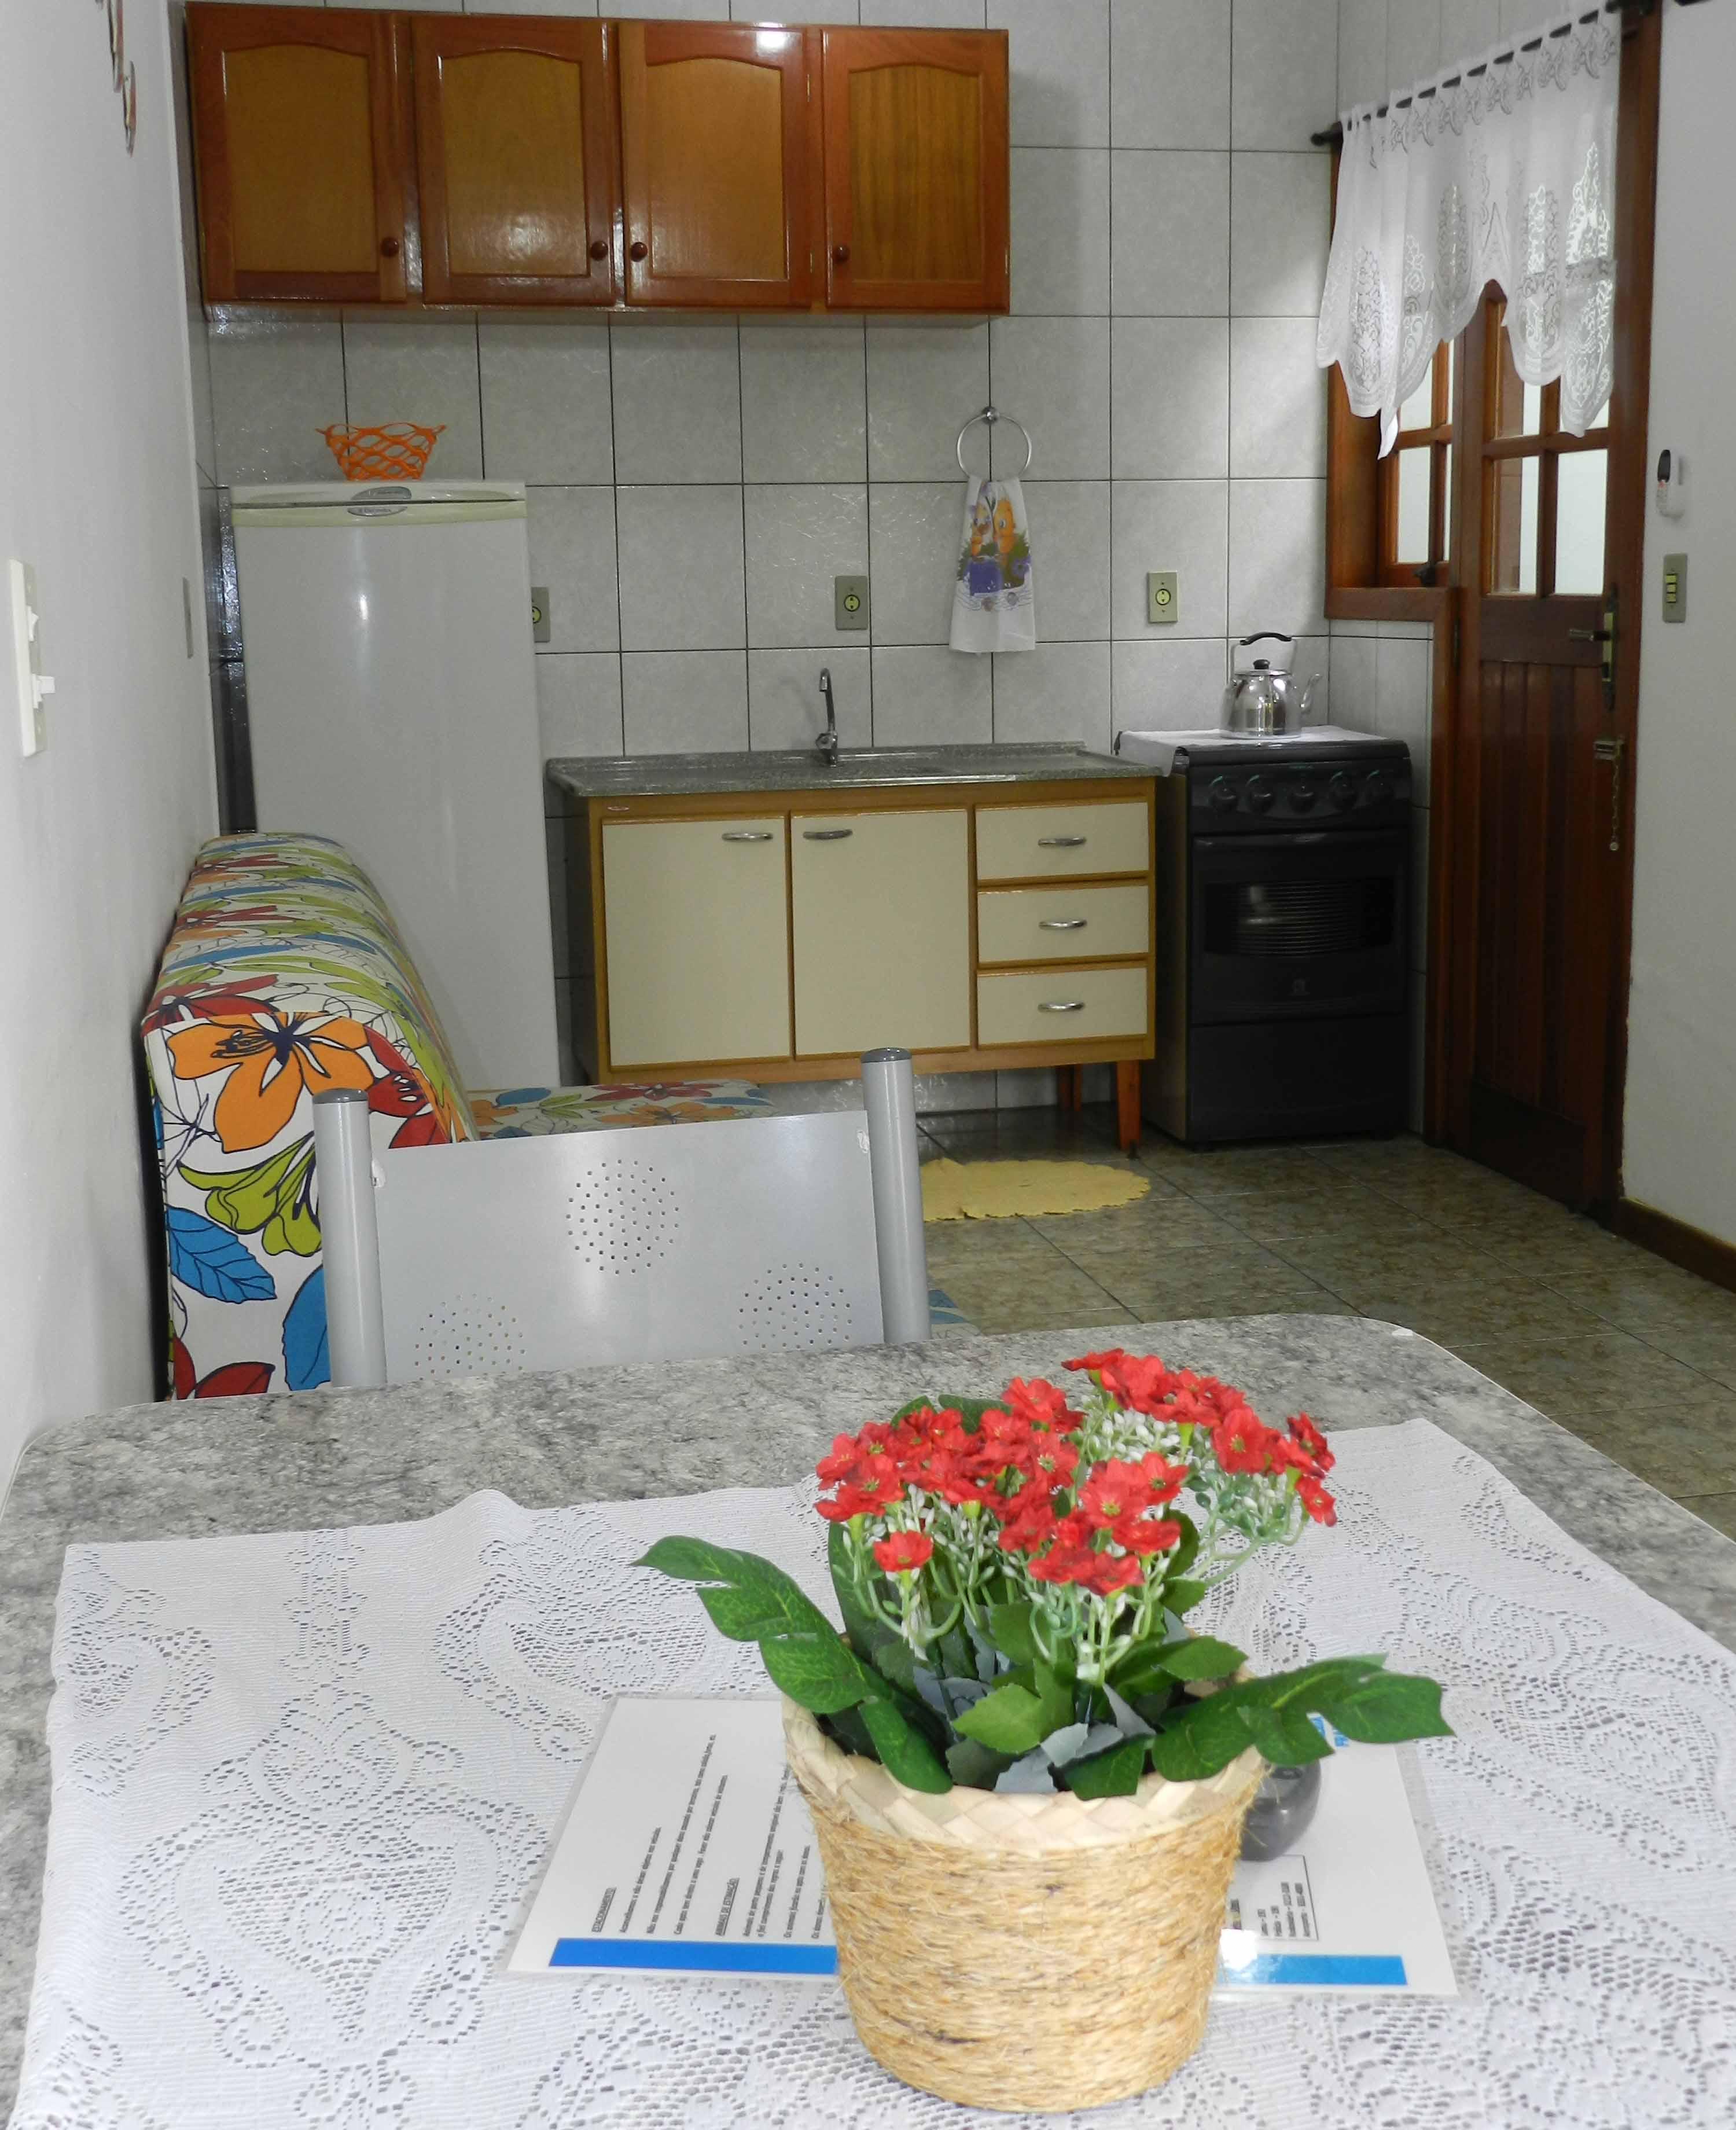 Cozinha  Apartamento 6 #694019 3000 3680